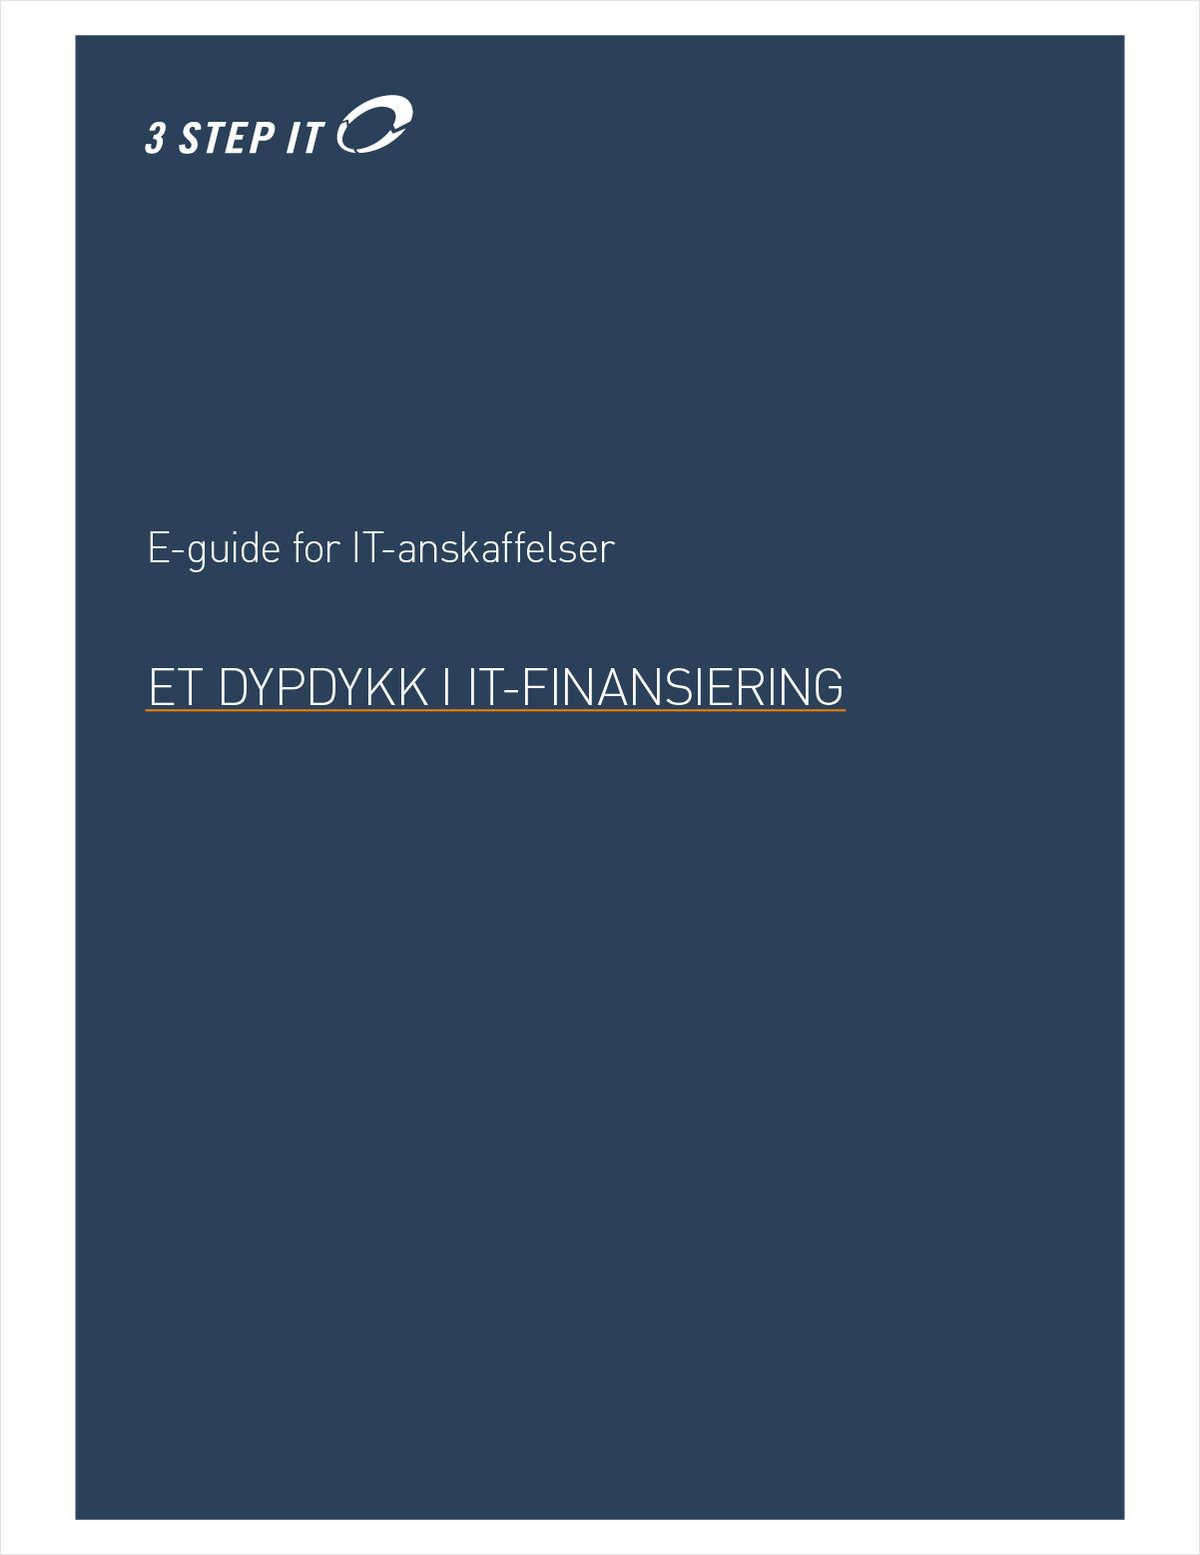 E-guide for IT-anskaffelser - Et dypdykk i it-finansiering